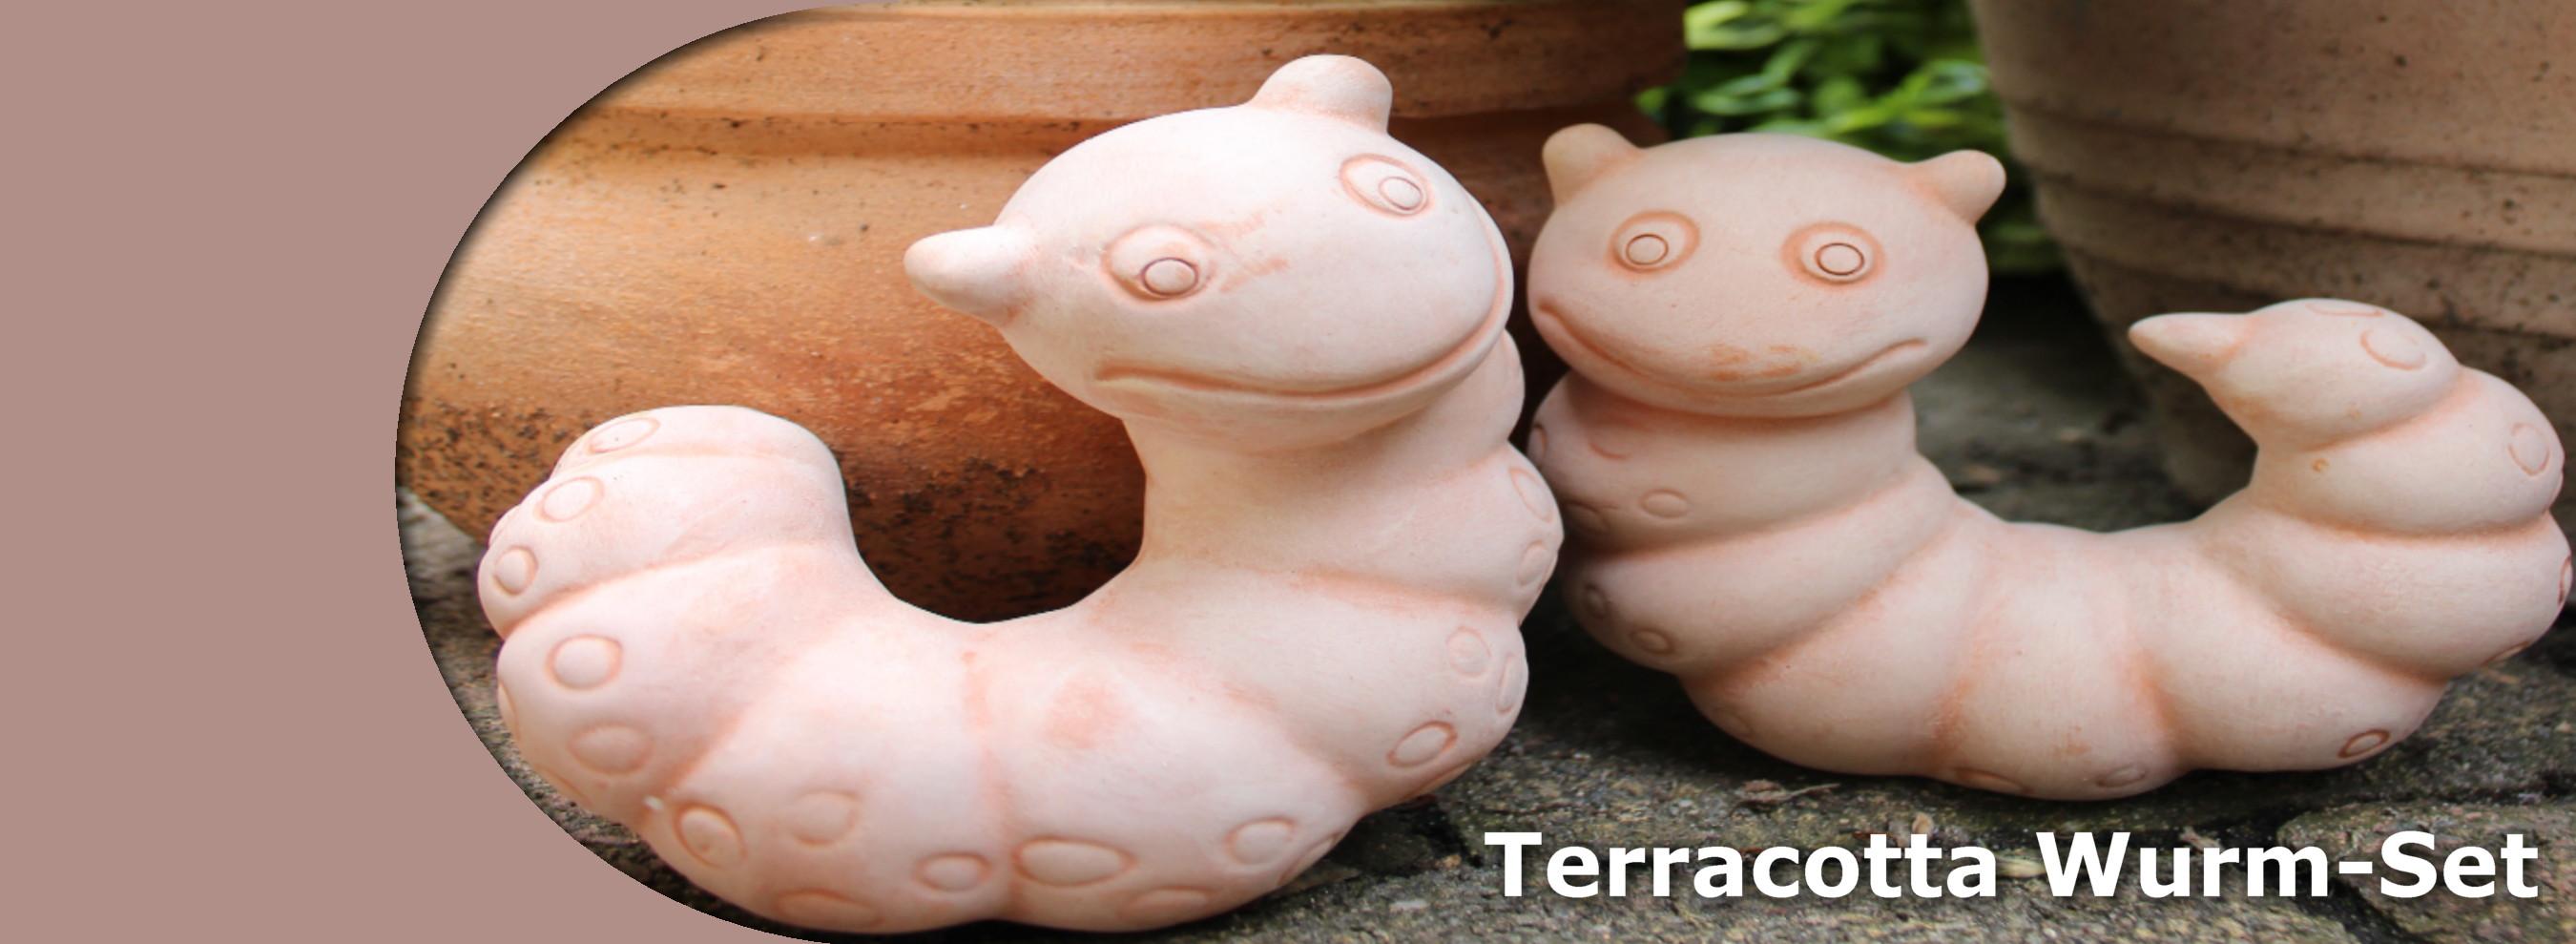 Terracotta wurm set gartendekoration gartendeko dekoration for Gartendeko terracotta